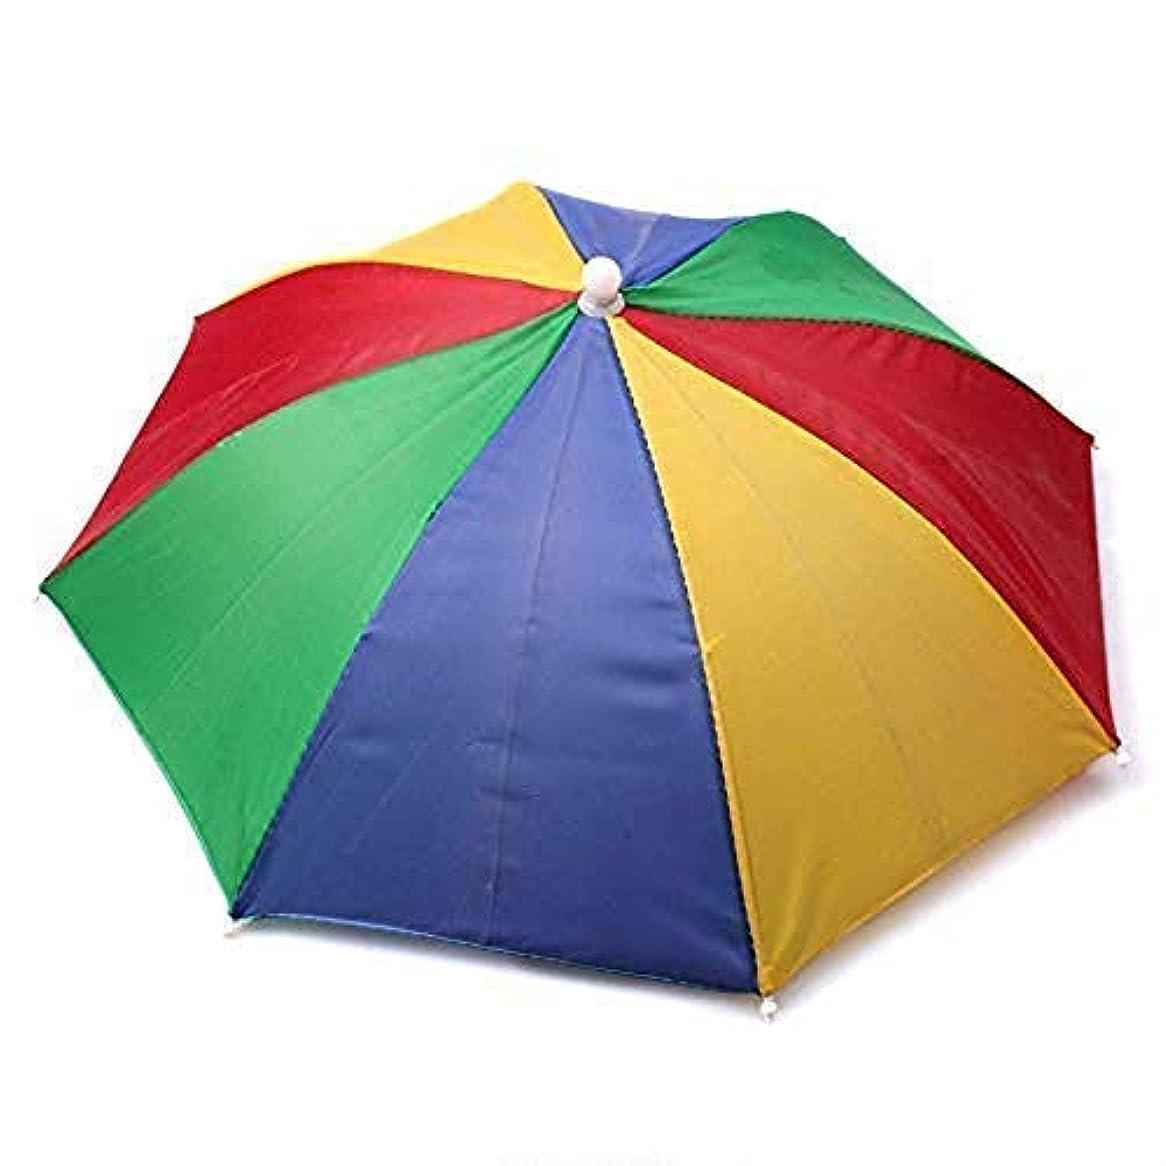 シエスタ長くする分離するXinhuamei 子供用傘 ゴムバンドカバー レインシェード 調節可能なヘッドウェア ハンズフリー ポータブルで便利な傘 キャップ アウトドア 釣り 旅行